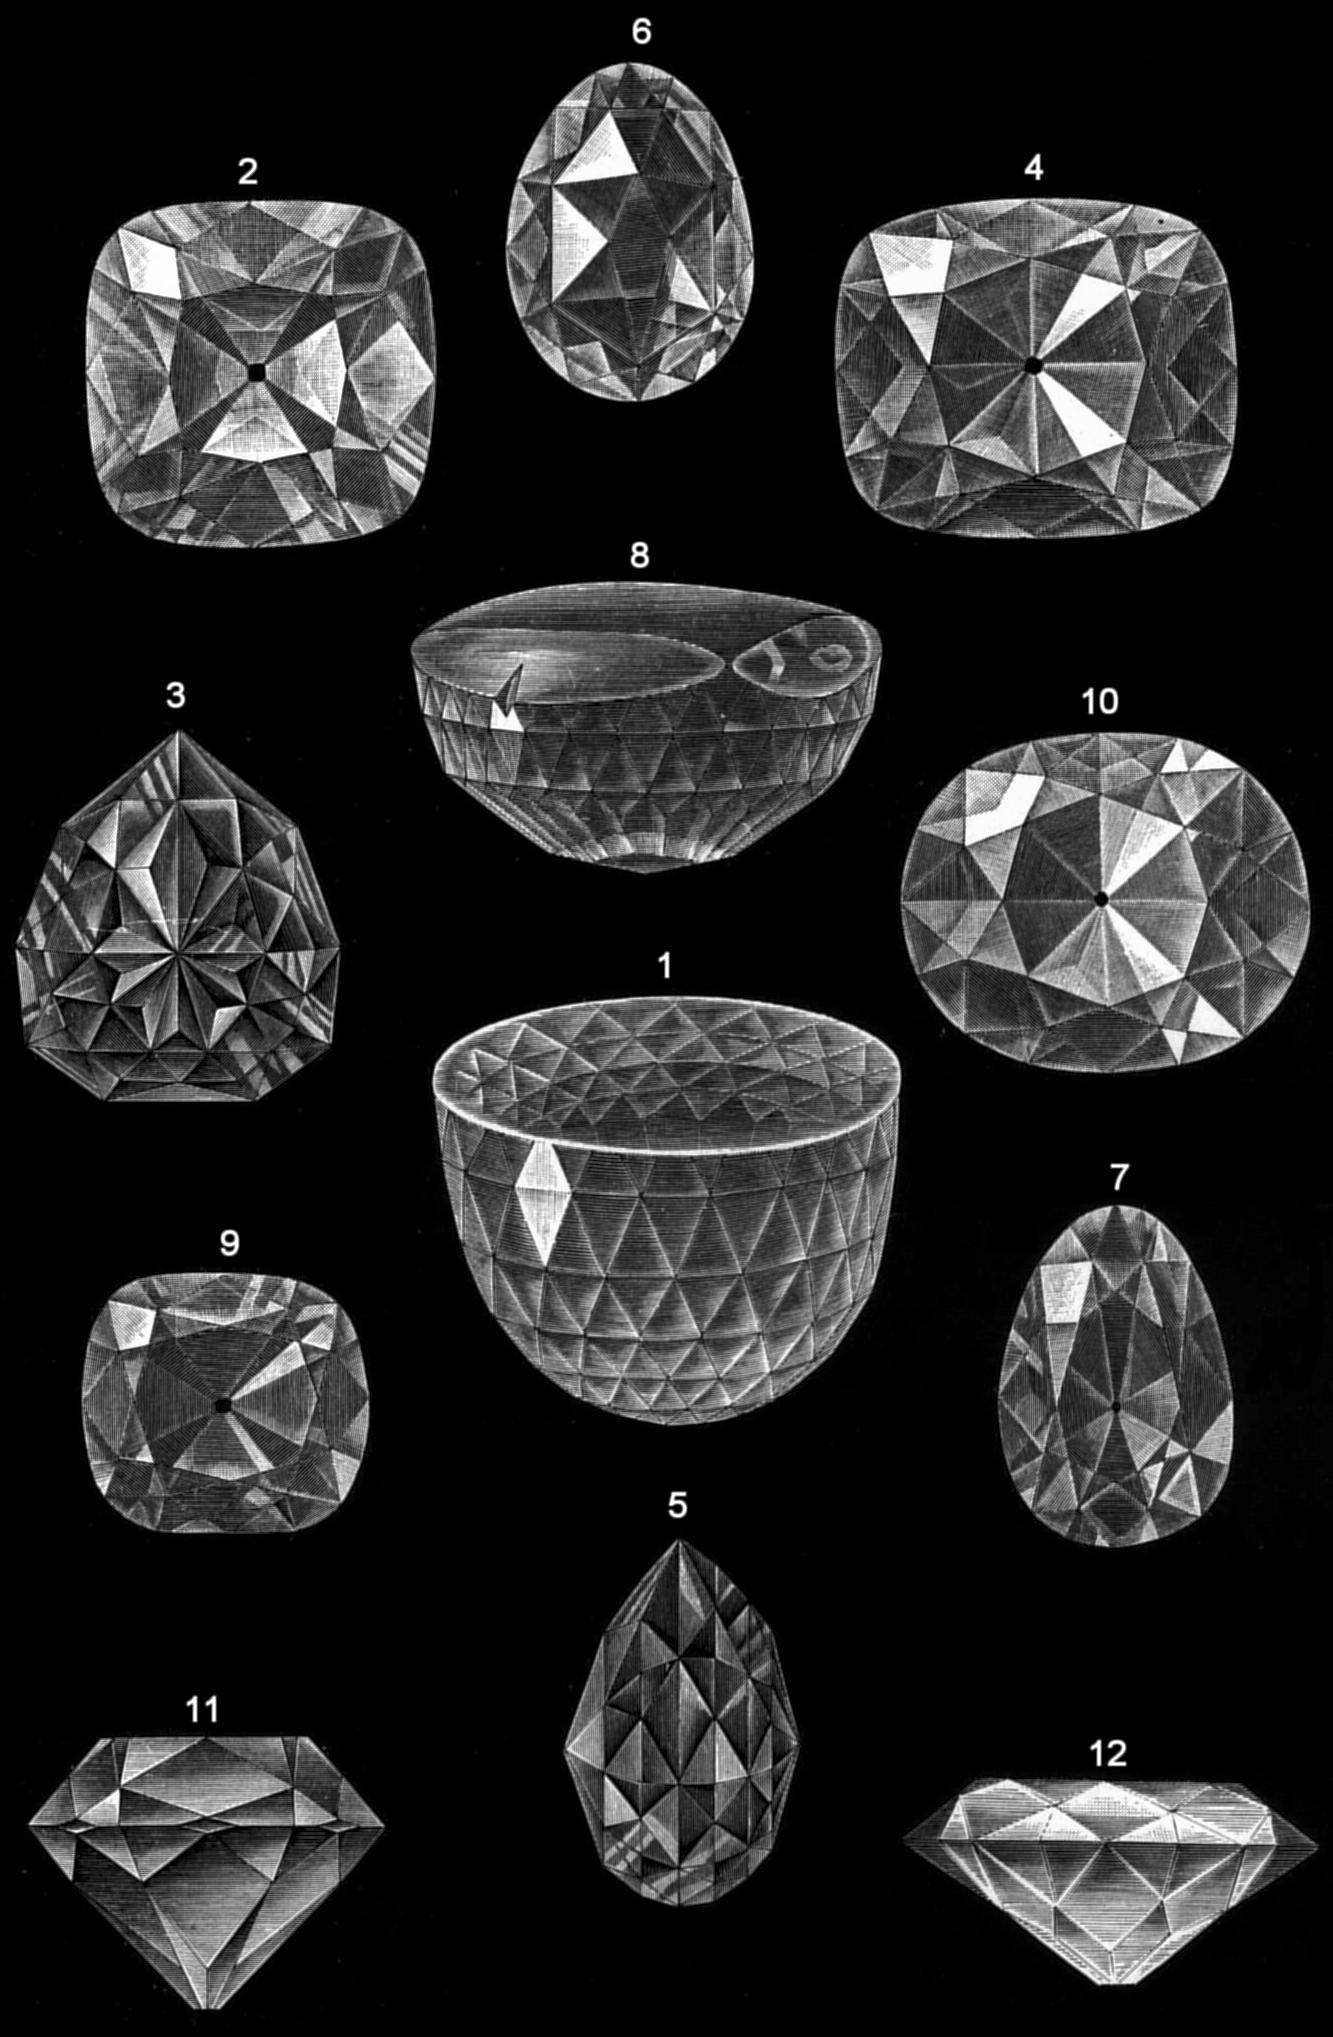 Diamanter,_Några_stora_och_ryktbara_diamanter,_Nordisk_familjebok